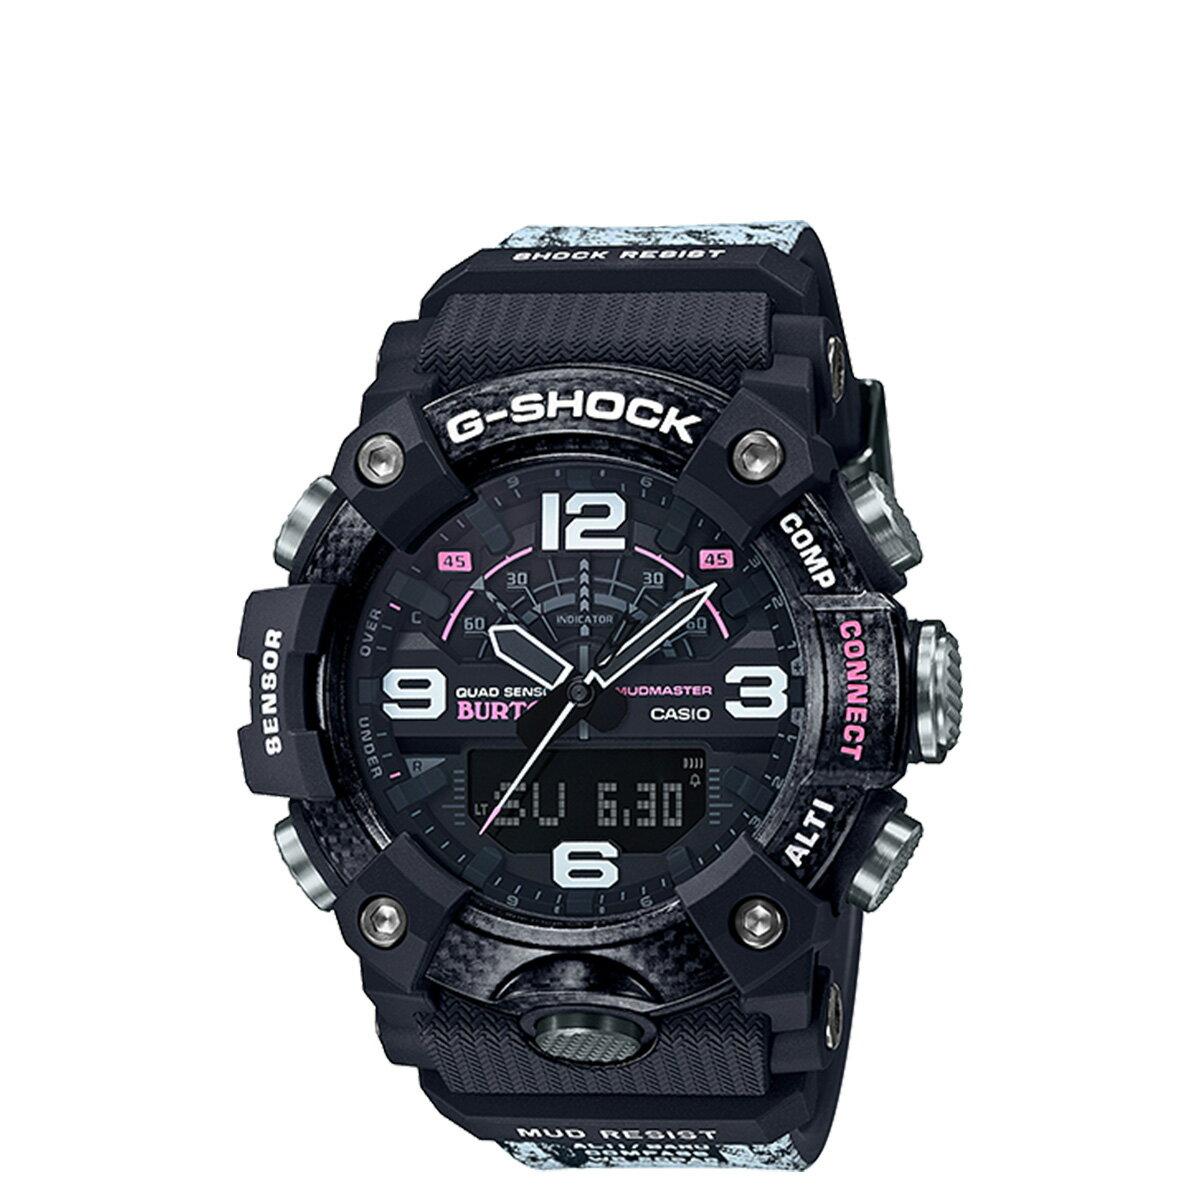 腕時計, 男女兼用腕時計 1000OFF CASIO G-SHOCK BURTON GG-B100BTN-1AJR